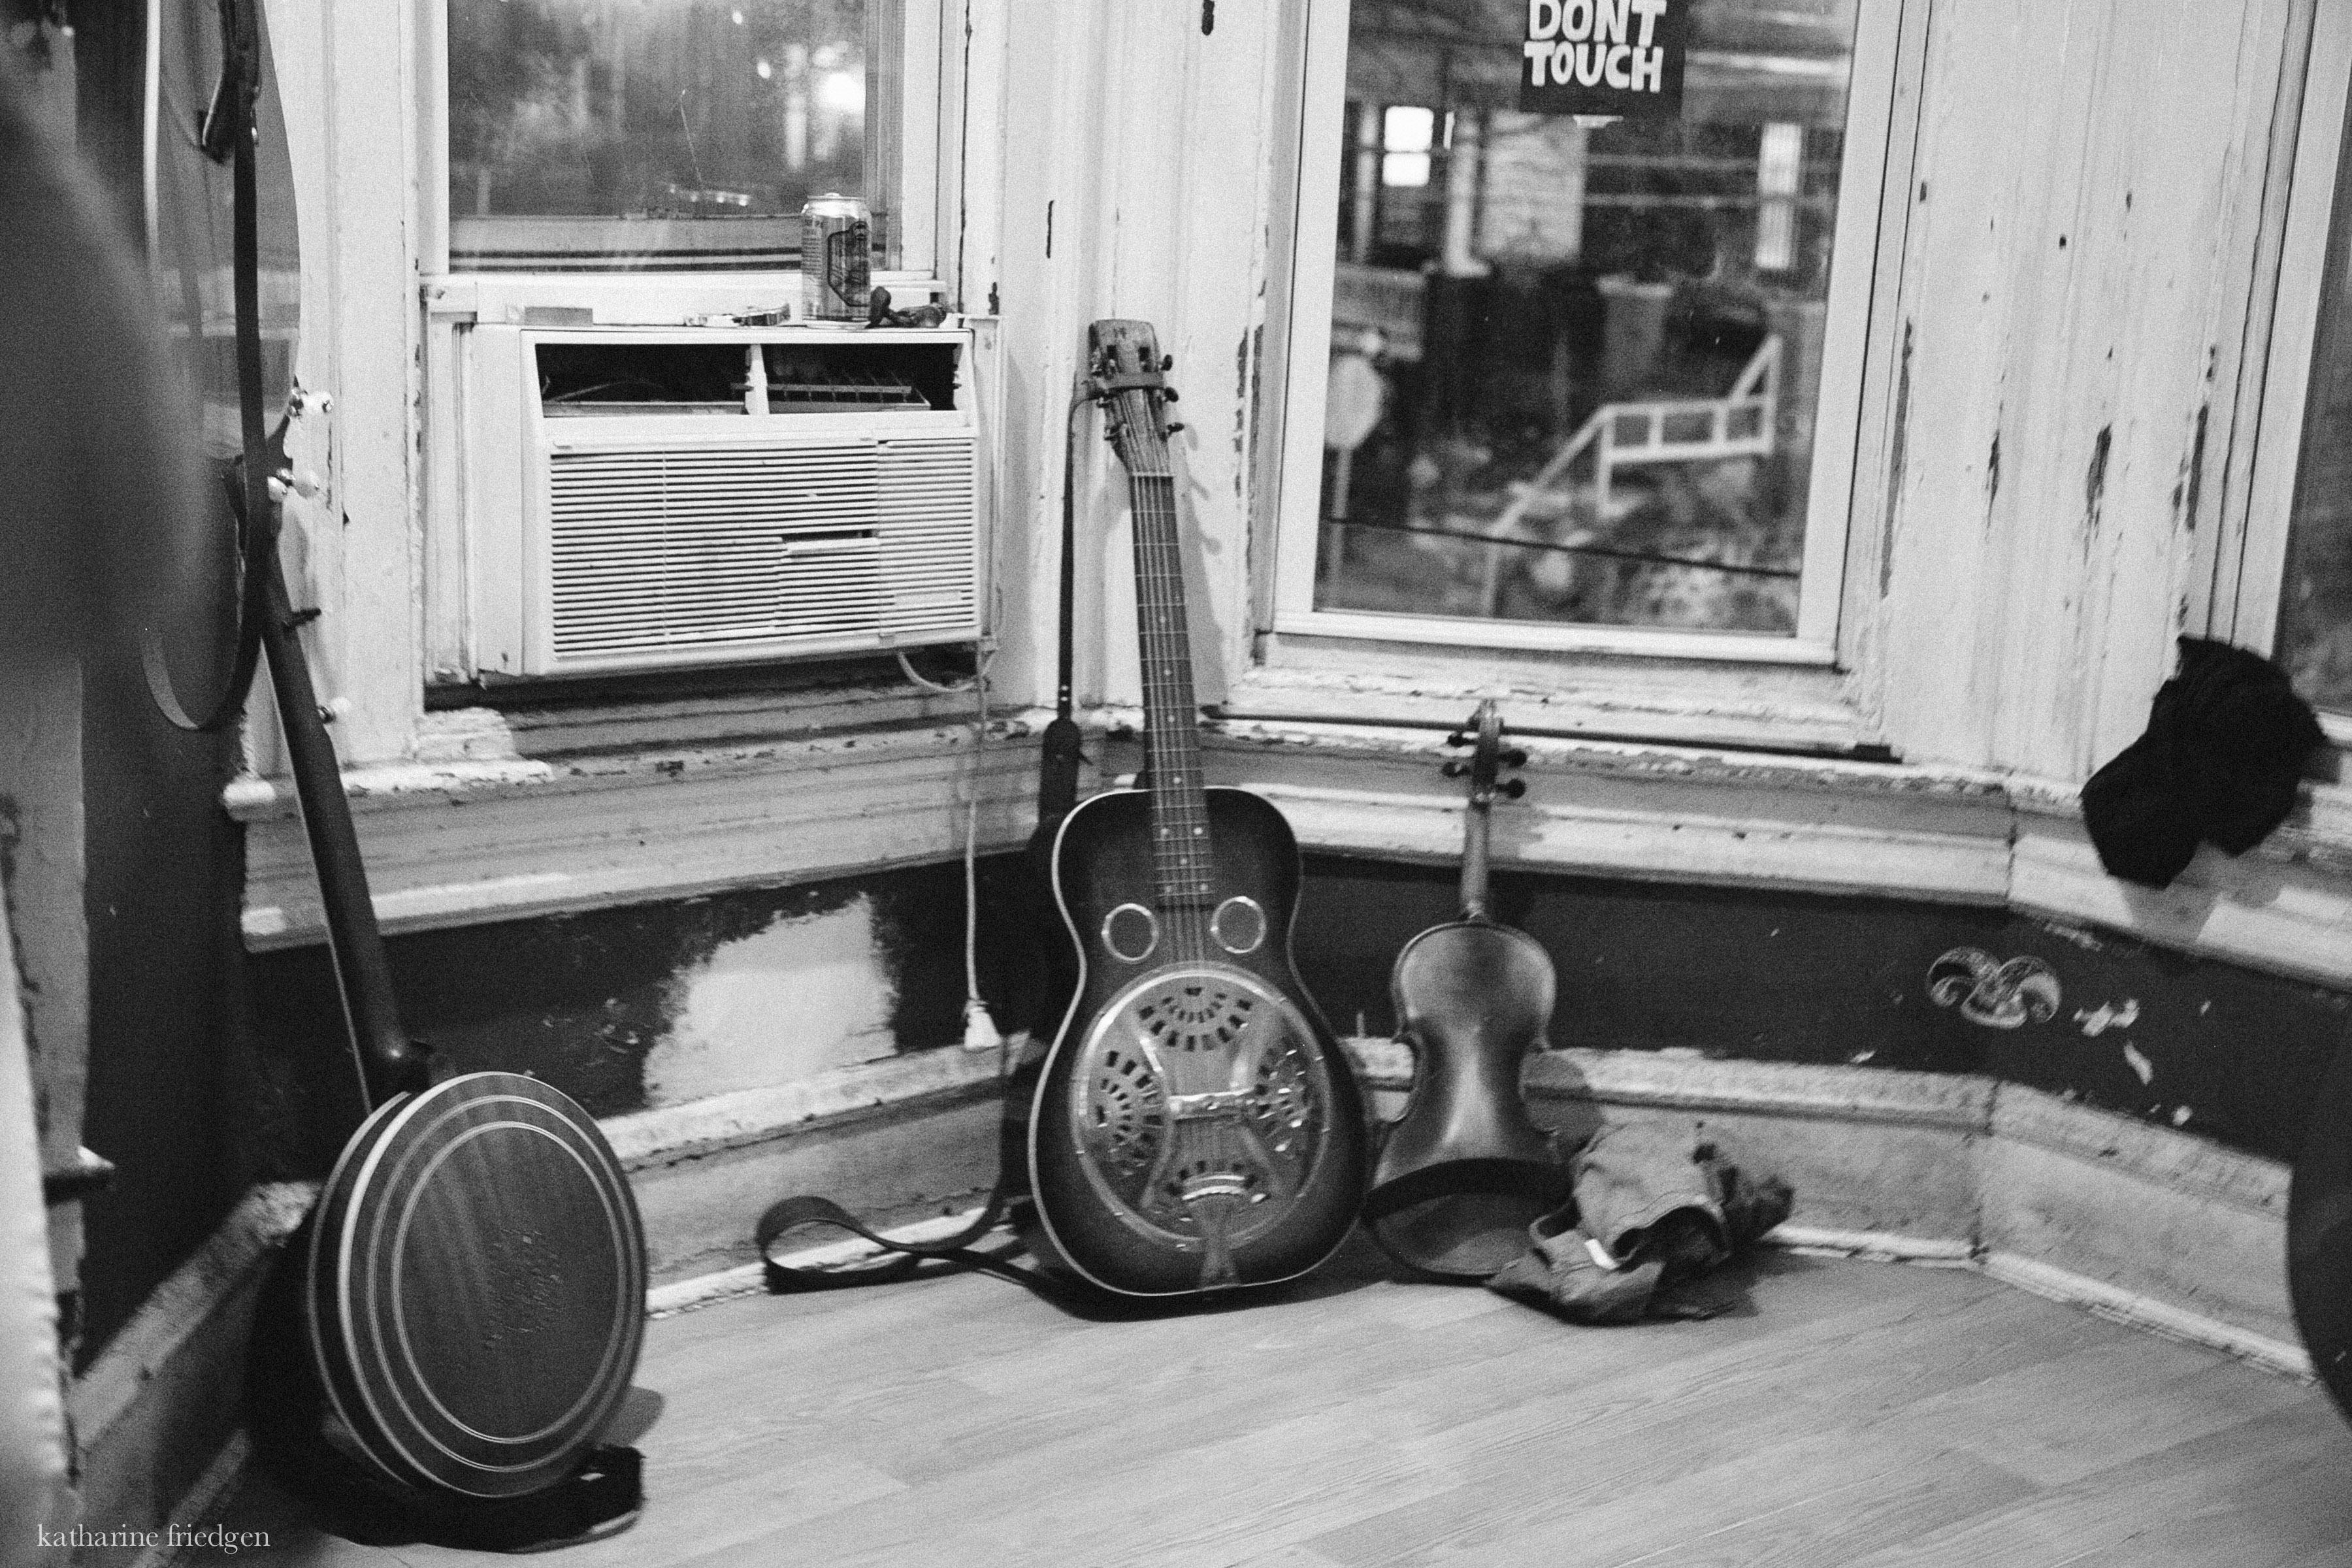 bluegrass in philadelphia music